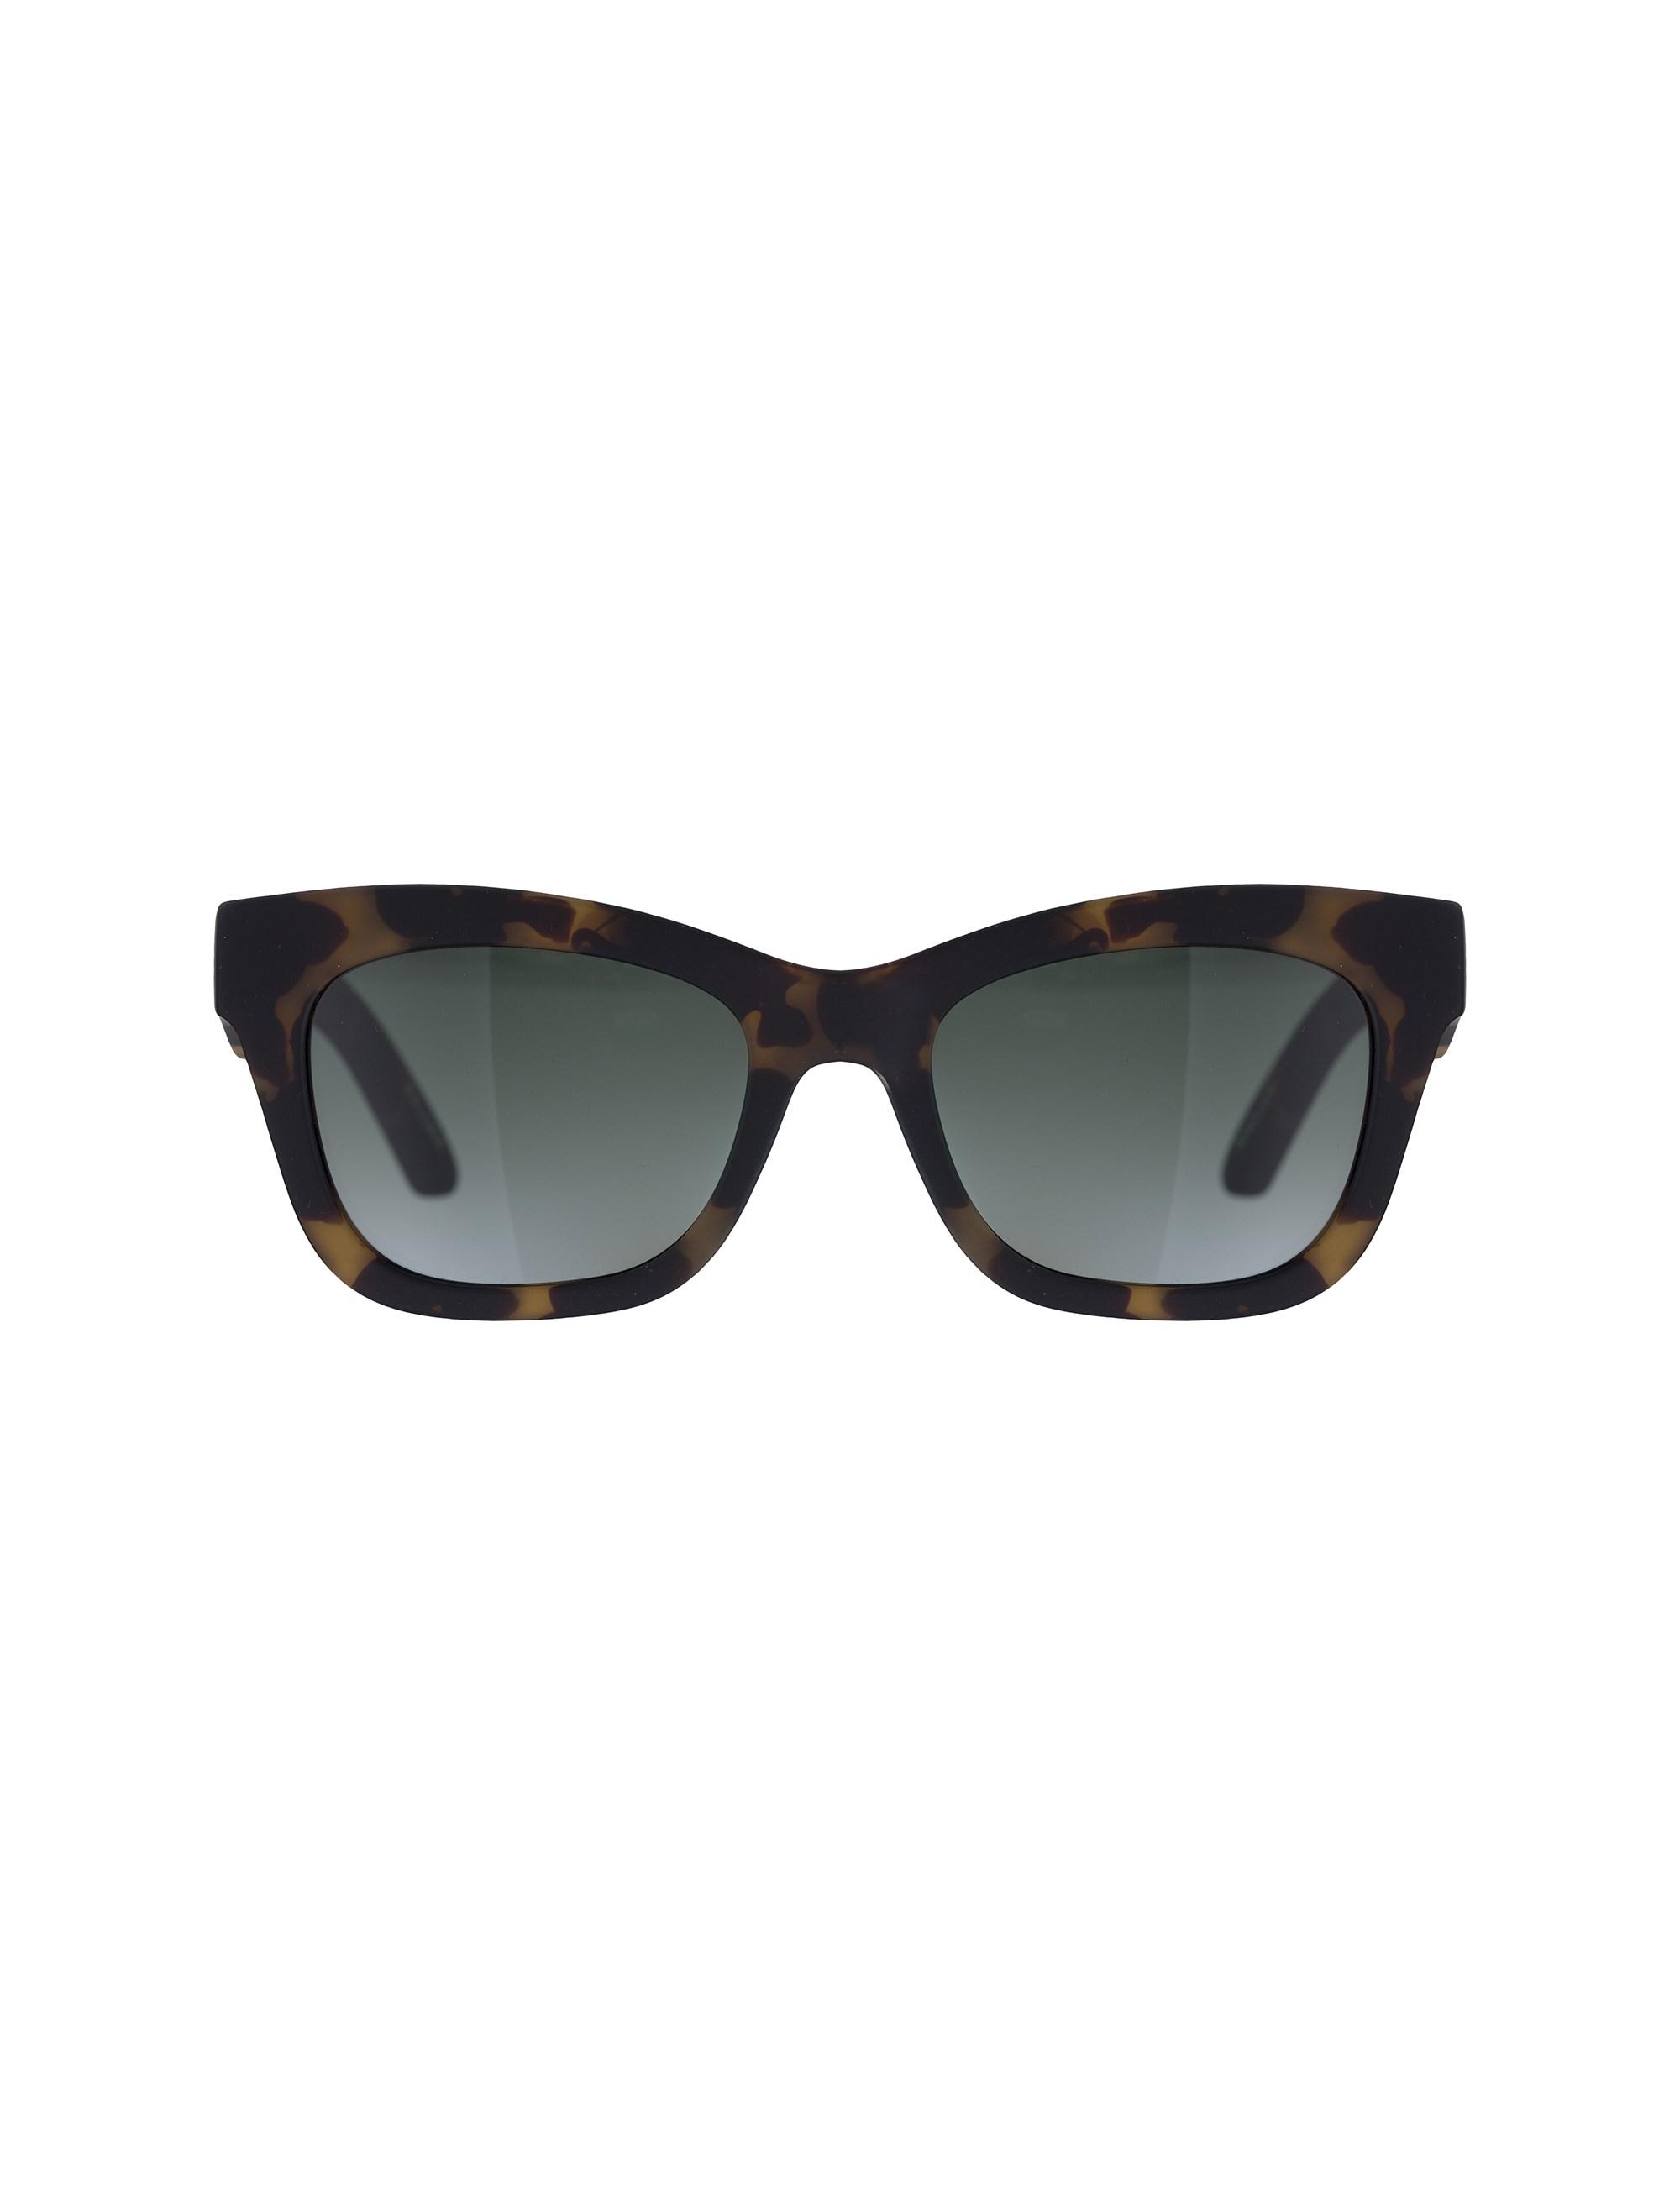 عینک آفتابی ویفرر زنانه Paloma